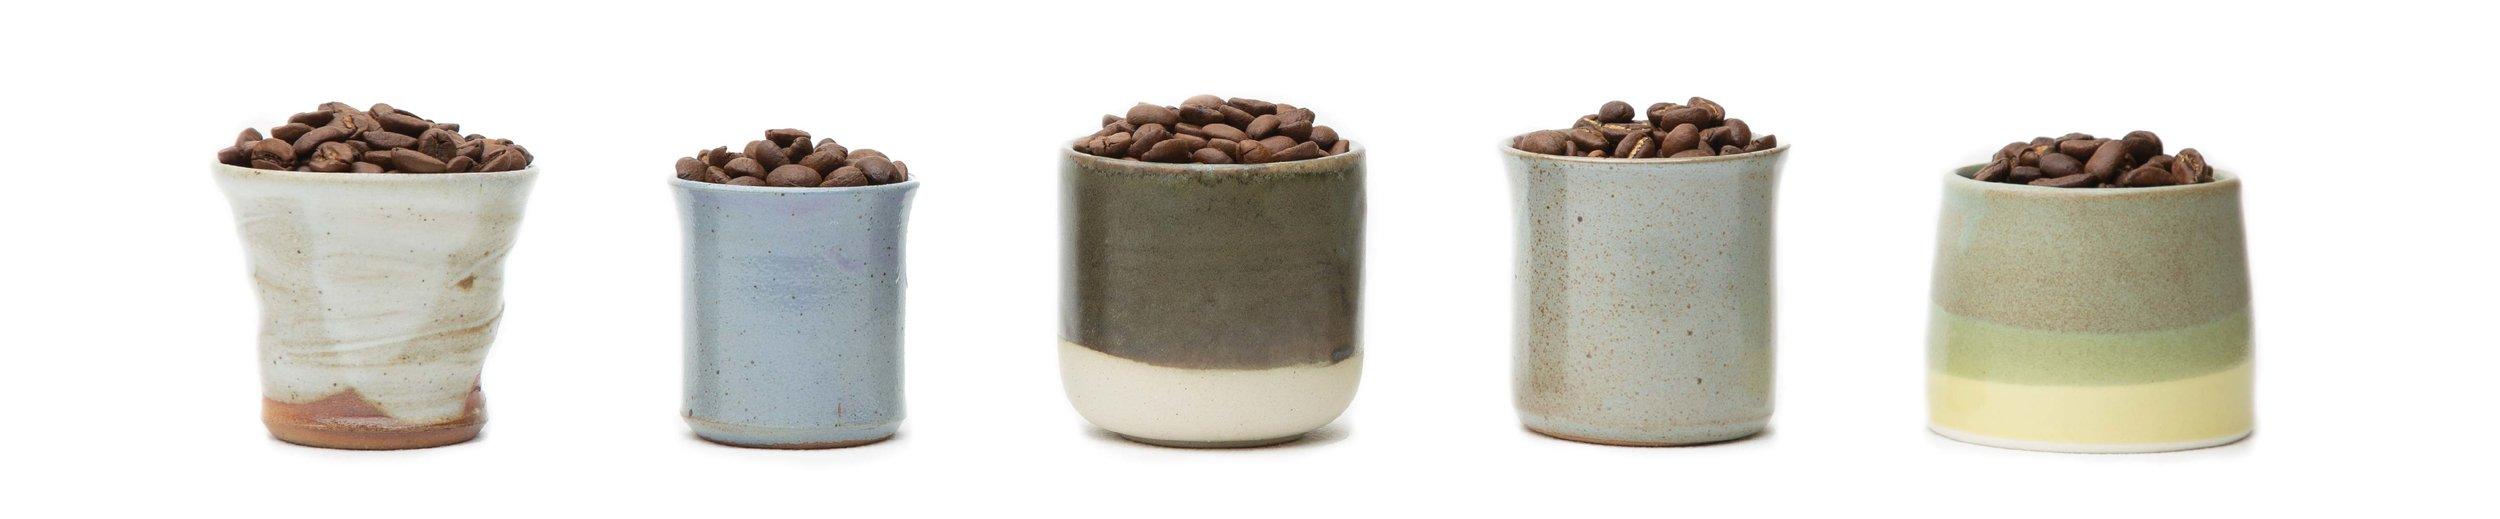 Five Cups.jpg